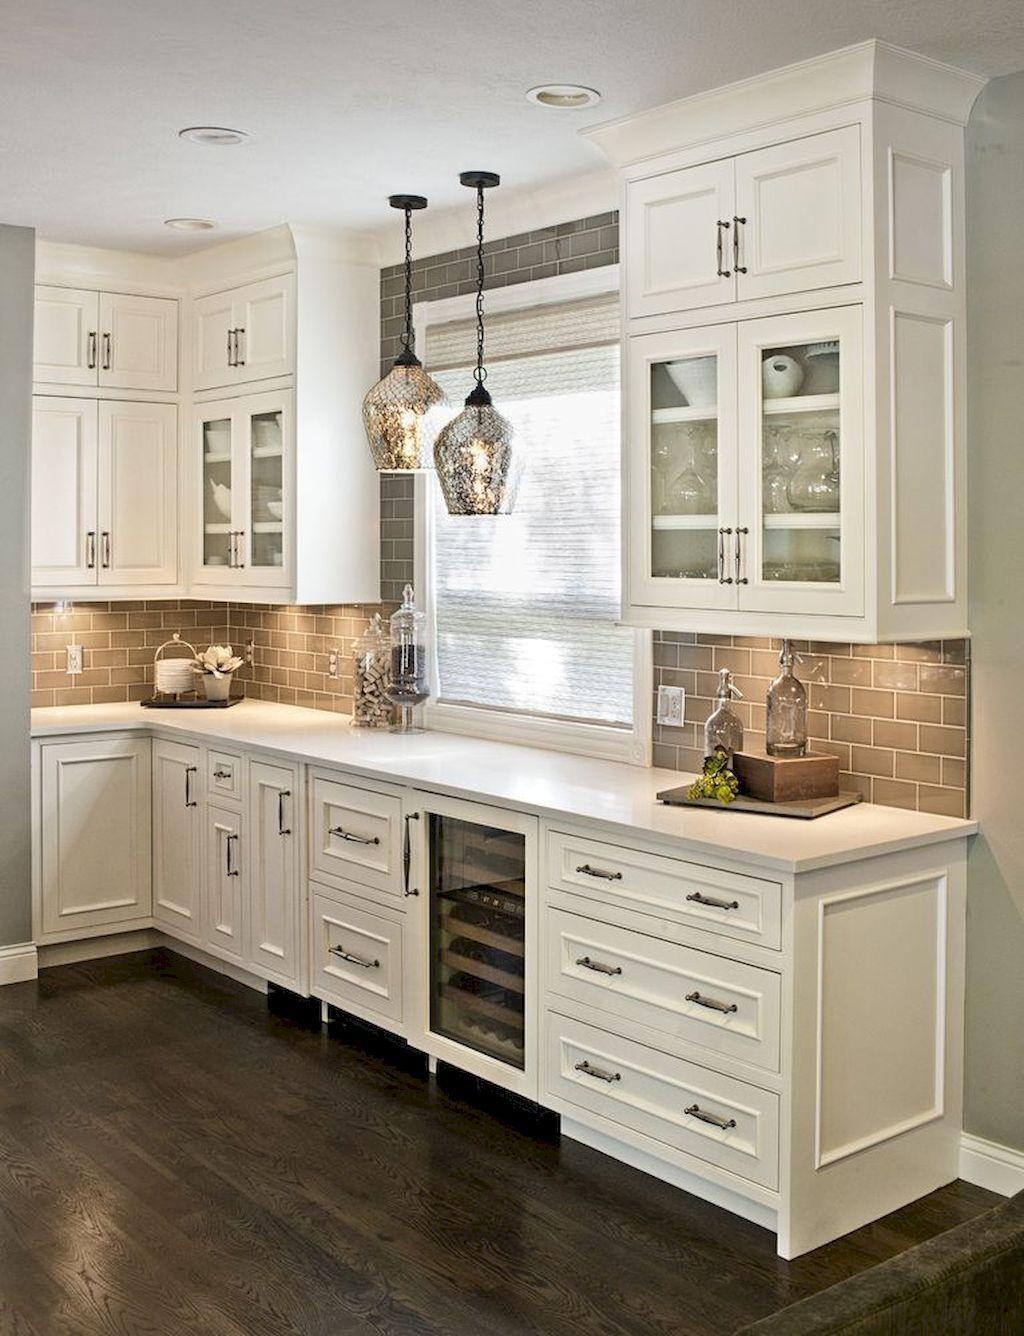 Modern Farmhouse Kitchen Cabinet Ideas 2 Kitchen Backsplash Designs Rustic Kitchen Cabinets Kitchen Cabinets Decor